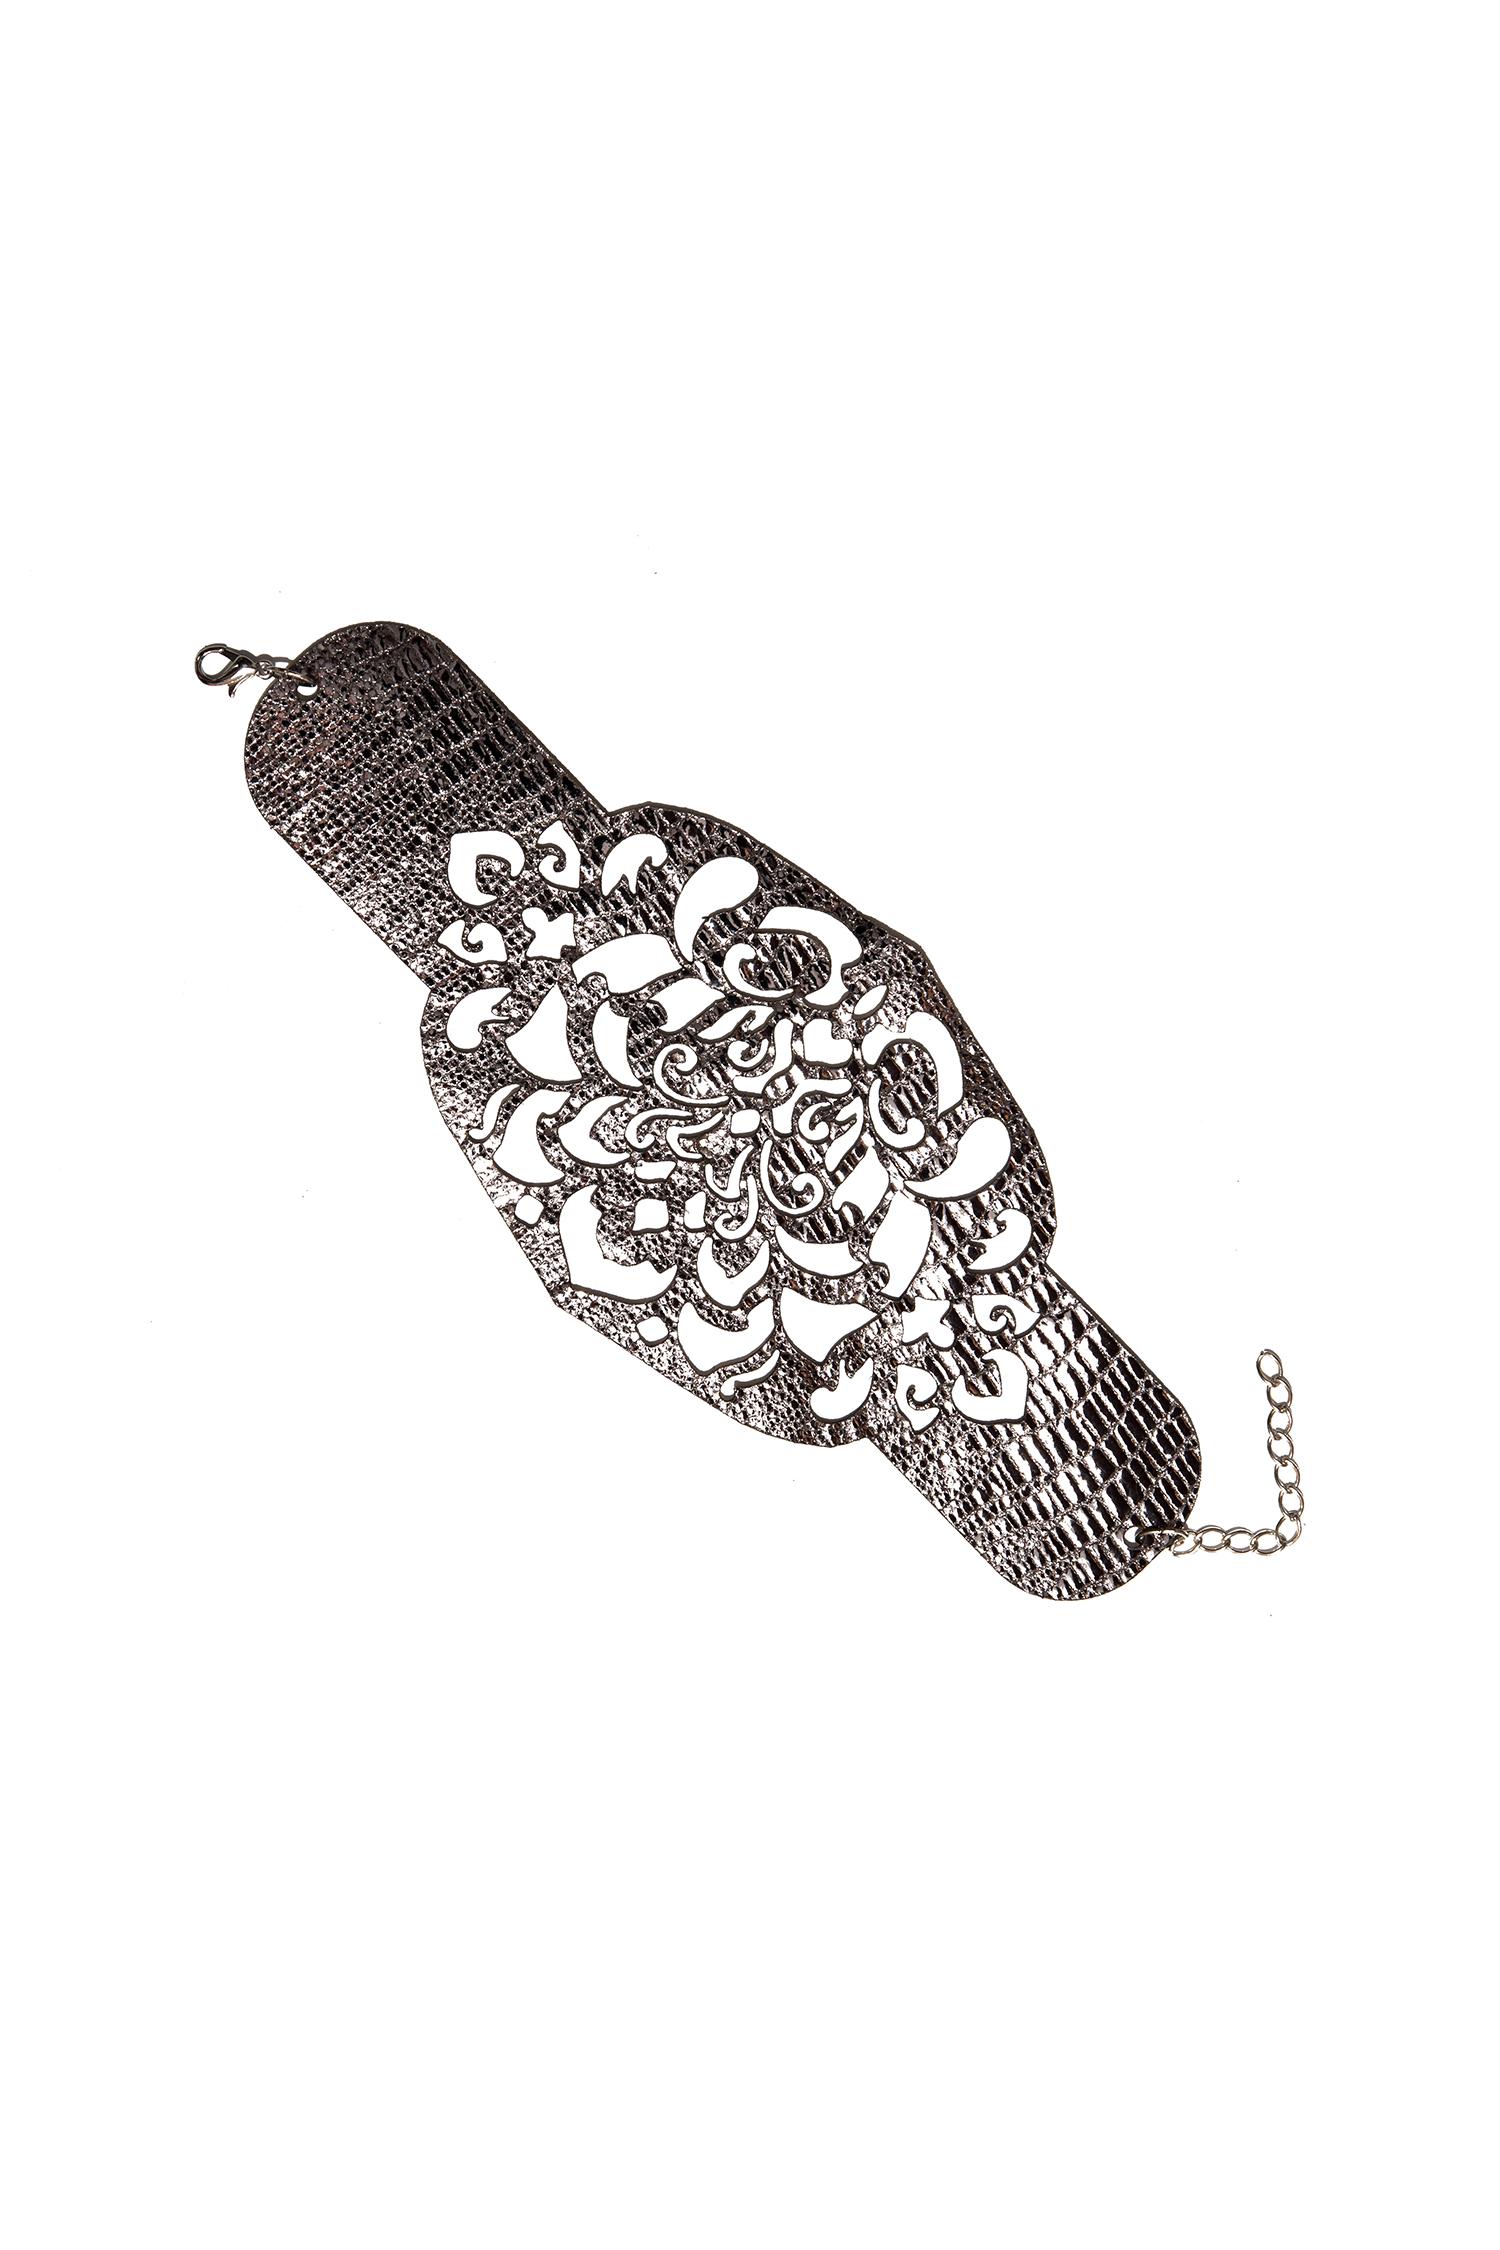 БраслетБраслеты<br>Изысканный образ подчернет браслет из натуральной кожи.  Длина: 24 см. с цепочкой (18 см. без цепочки), ширина: 7,5 см  Материал: натуральная кожа, металлическая фурнитура   Цвет: коричневый<br><br>По материалу: Кожа<br>Размер : UNI<br>Материал: Натуральная кожа<br>Количество в наличии: 3